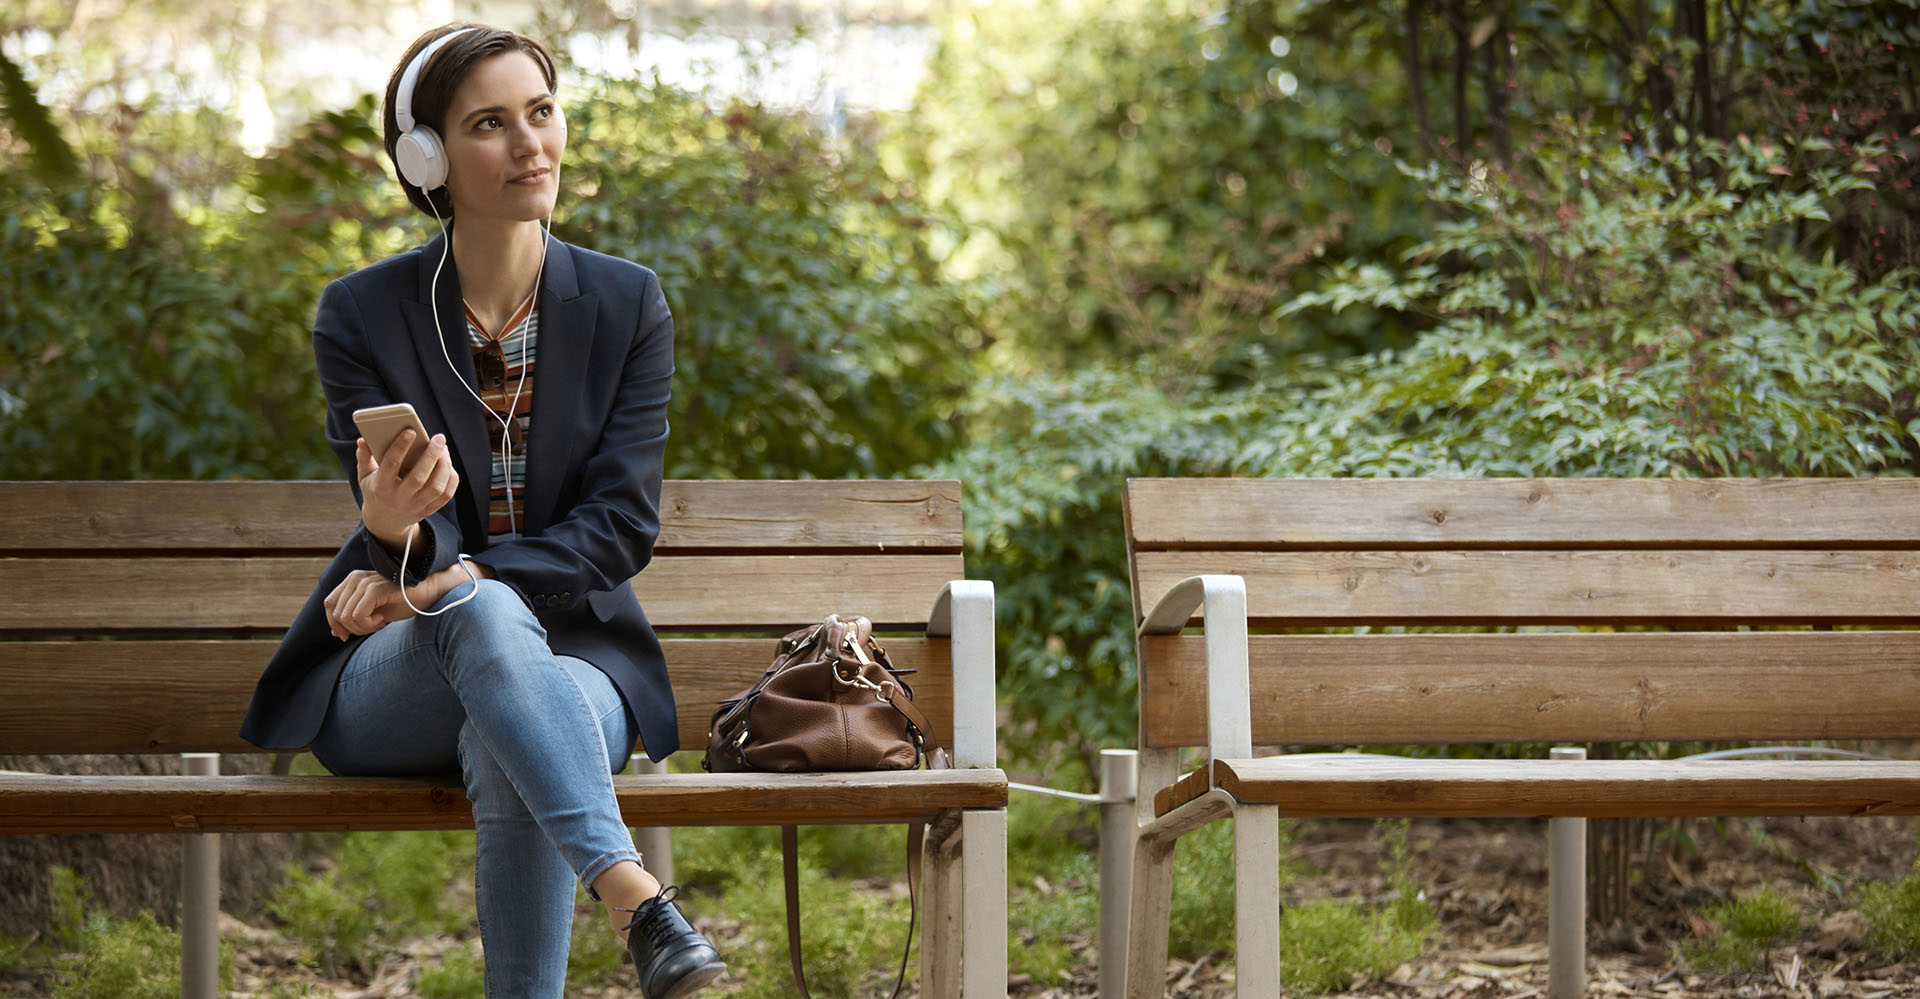 Frau sitzt auf einer Parkbank und hört Musik